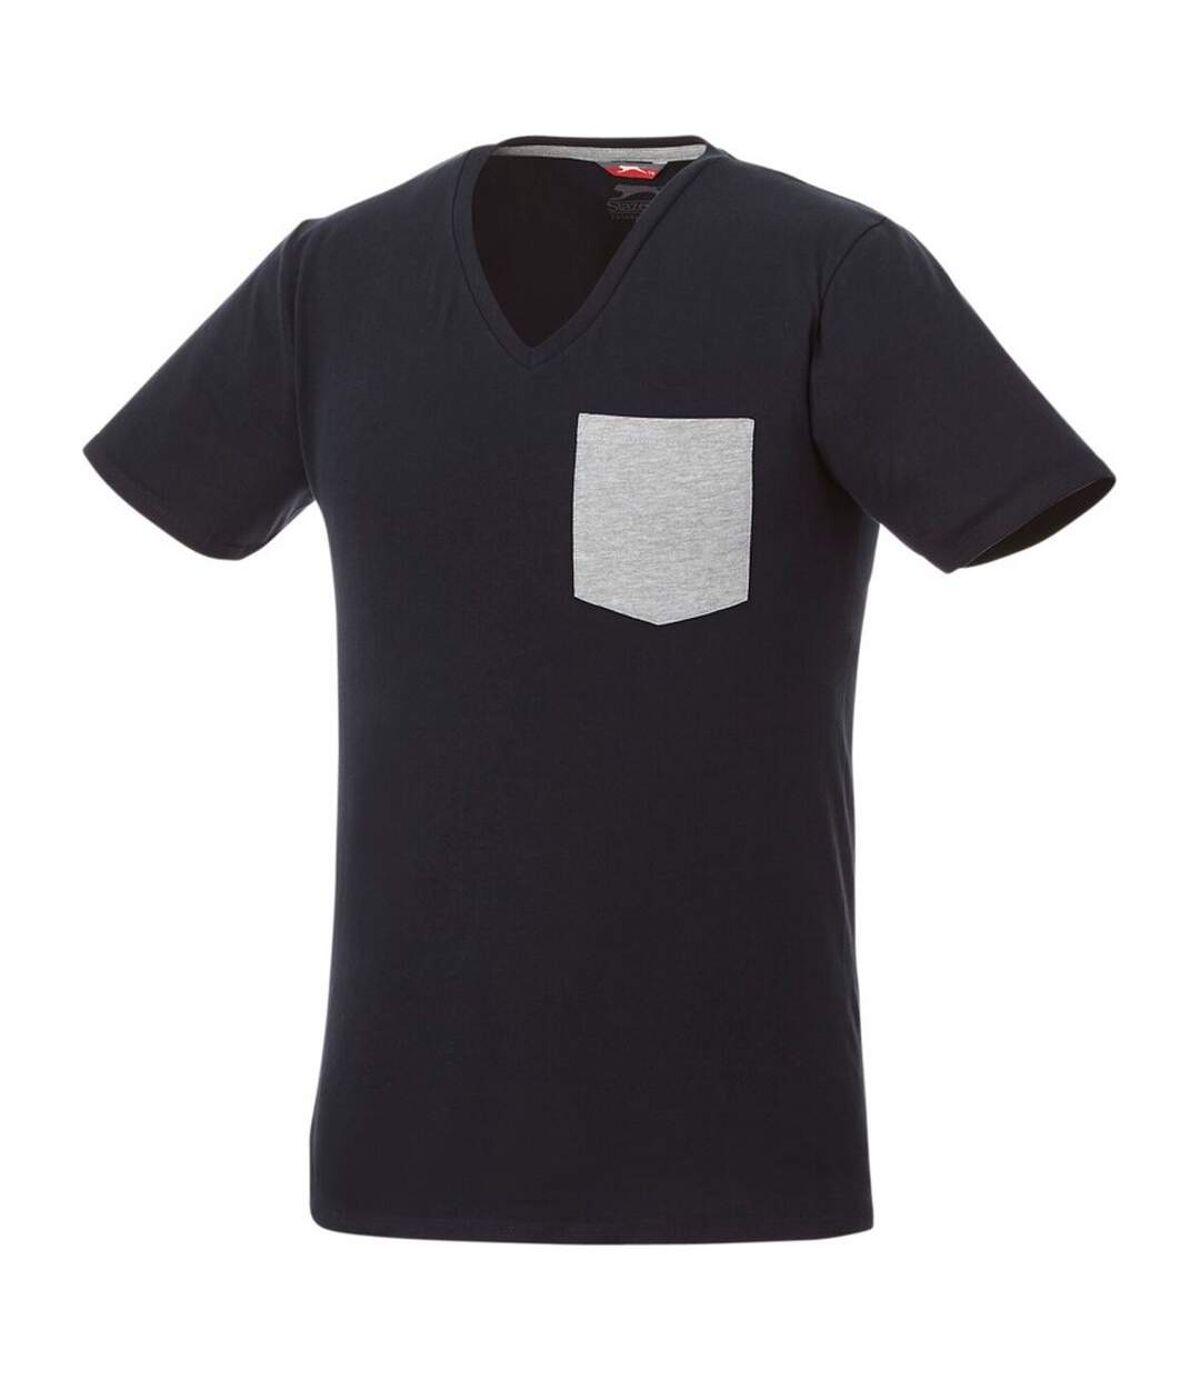 Slazenger Mens Gully Short Sleeve Pocket T-Shirt (Navy/Sport Grey) - UTPF2337